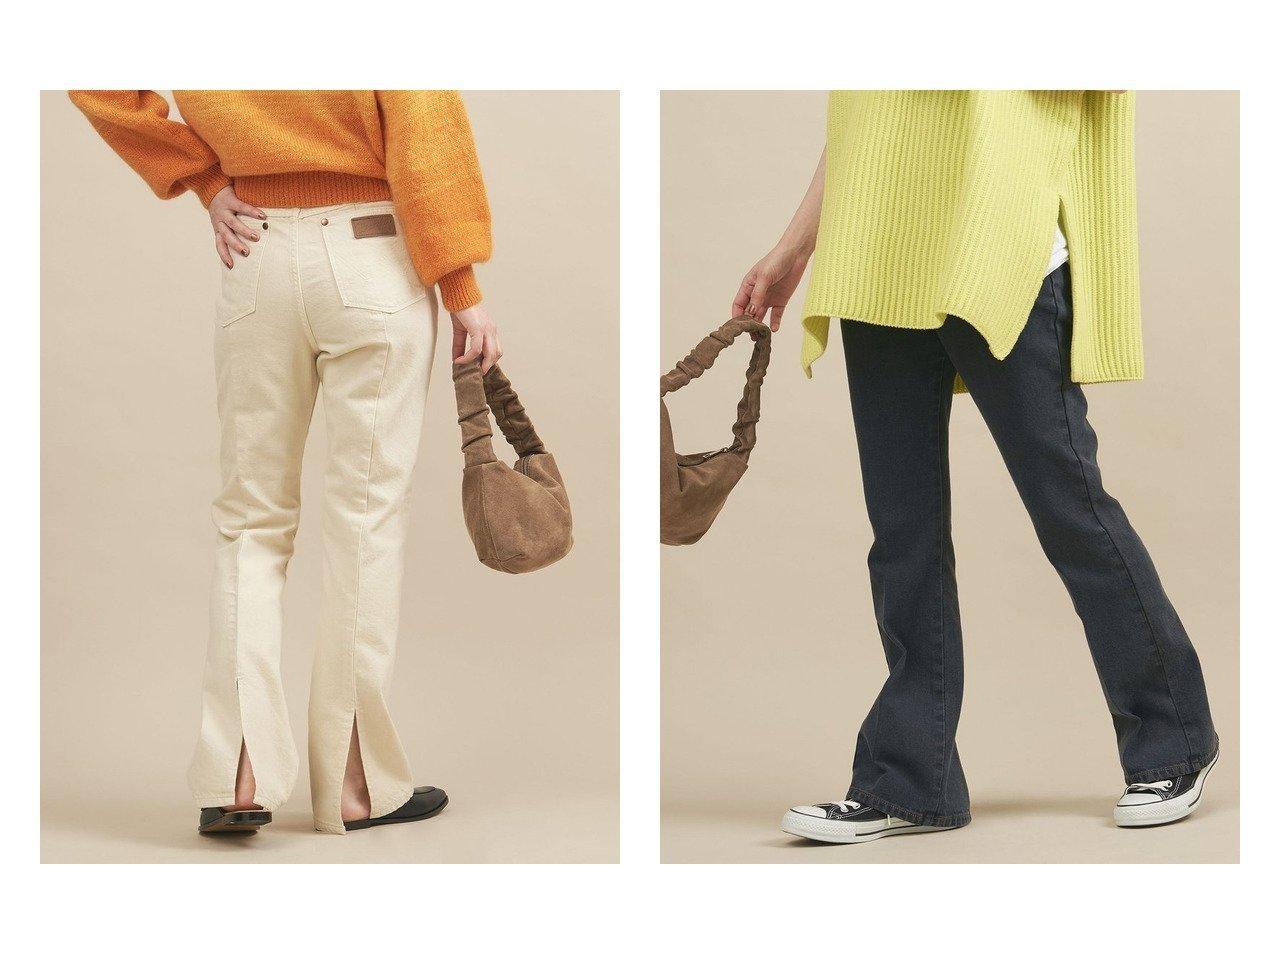 【BEAUTY&YOUTH / UNITED ARROWS/ビューティ&ユース ユナイテッドアローズ】の【別注】 Wrangler バックスリットデニムパンツ 別注・限定・コラボなど、おすすめ!人気、トレンド・レディースファッションの通販 おすすめで人気の流行・トレンド、ファッションの通販商品 インテリア・家具・メンズファッション・キッズファッション・レディースファッション・服の通販 founy(ファニー) https://founy.com/ ファッション Fashion レディースファッション WOMEN パンツ Pants デニムパンツ Denim Pants バッグ Bag ウエスタン 春 Spring ジーンズ スマート スリット セットアップ デニム トレンド 定番 Standard 人気 パッチ ベスト ポケット 別注 A/W・秋冬 AW・Autumn/Winter・FW・Fall-Winter S/S・春夏 SS・Spring/Summer おすすめ Recommend 夏 Summer |ID:crp329100000061019